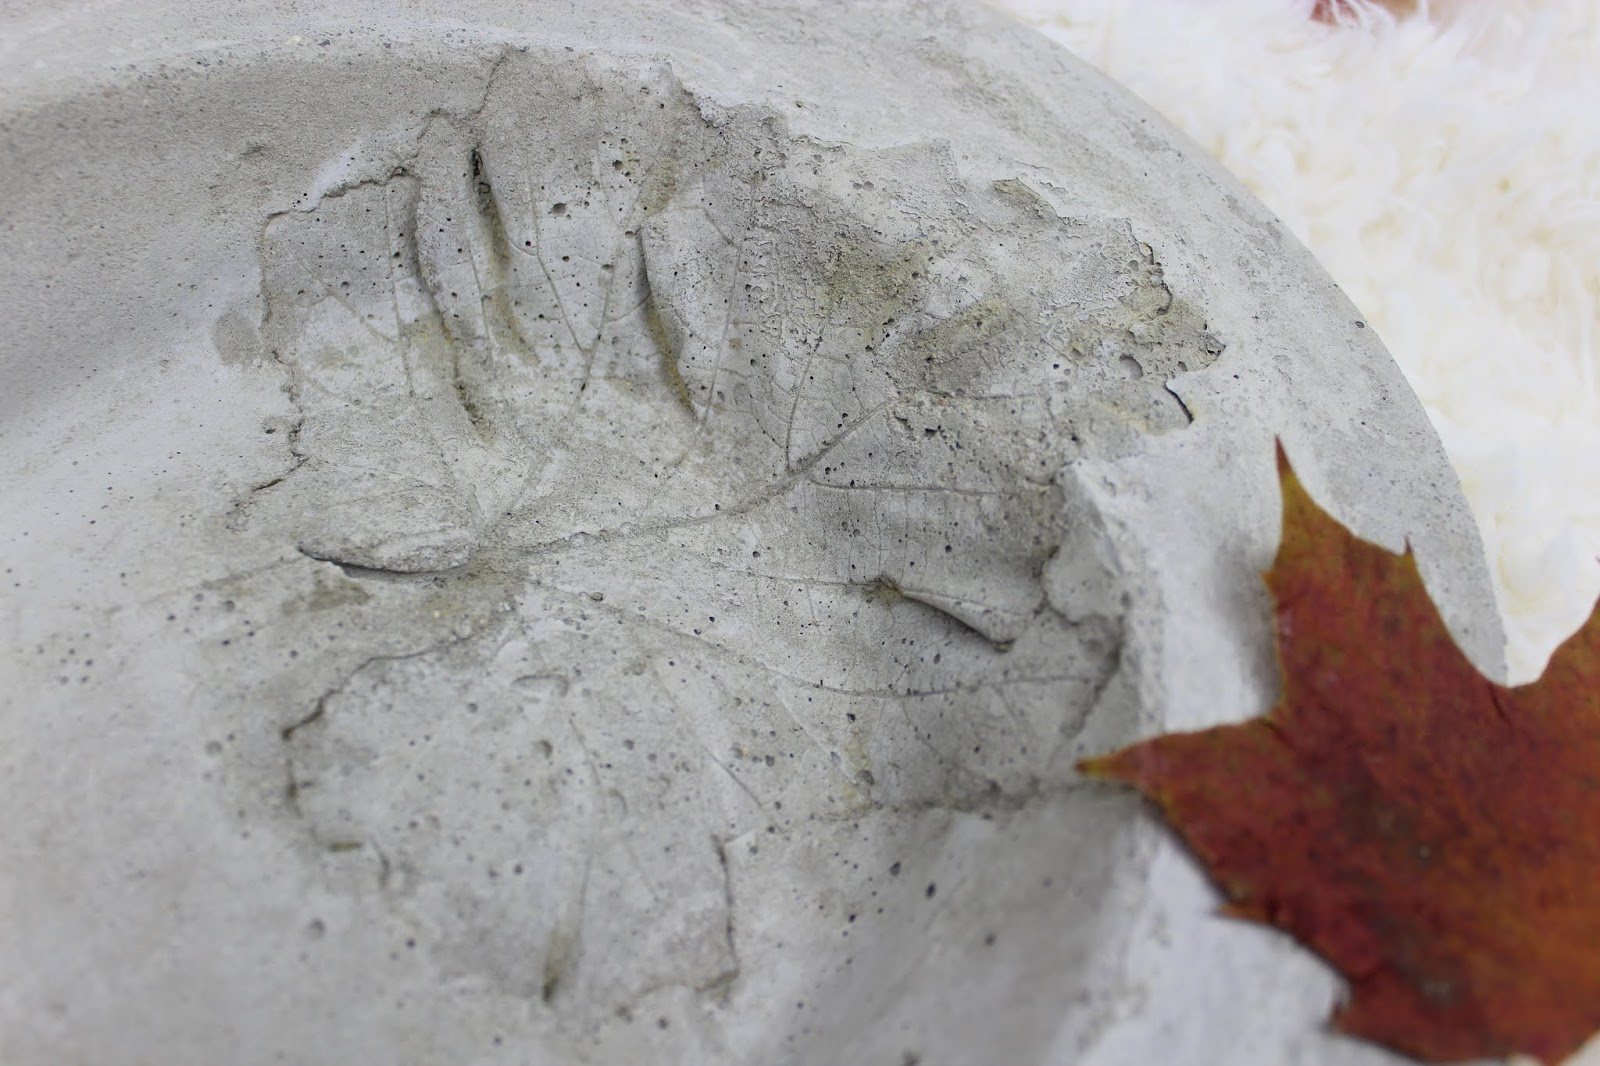 DIY: Herbstschale aus Beton mit Blattdruck ganz einfach selber machen - eine wunderschöne Deko zum Herbst